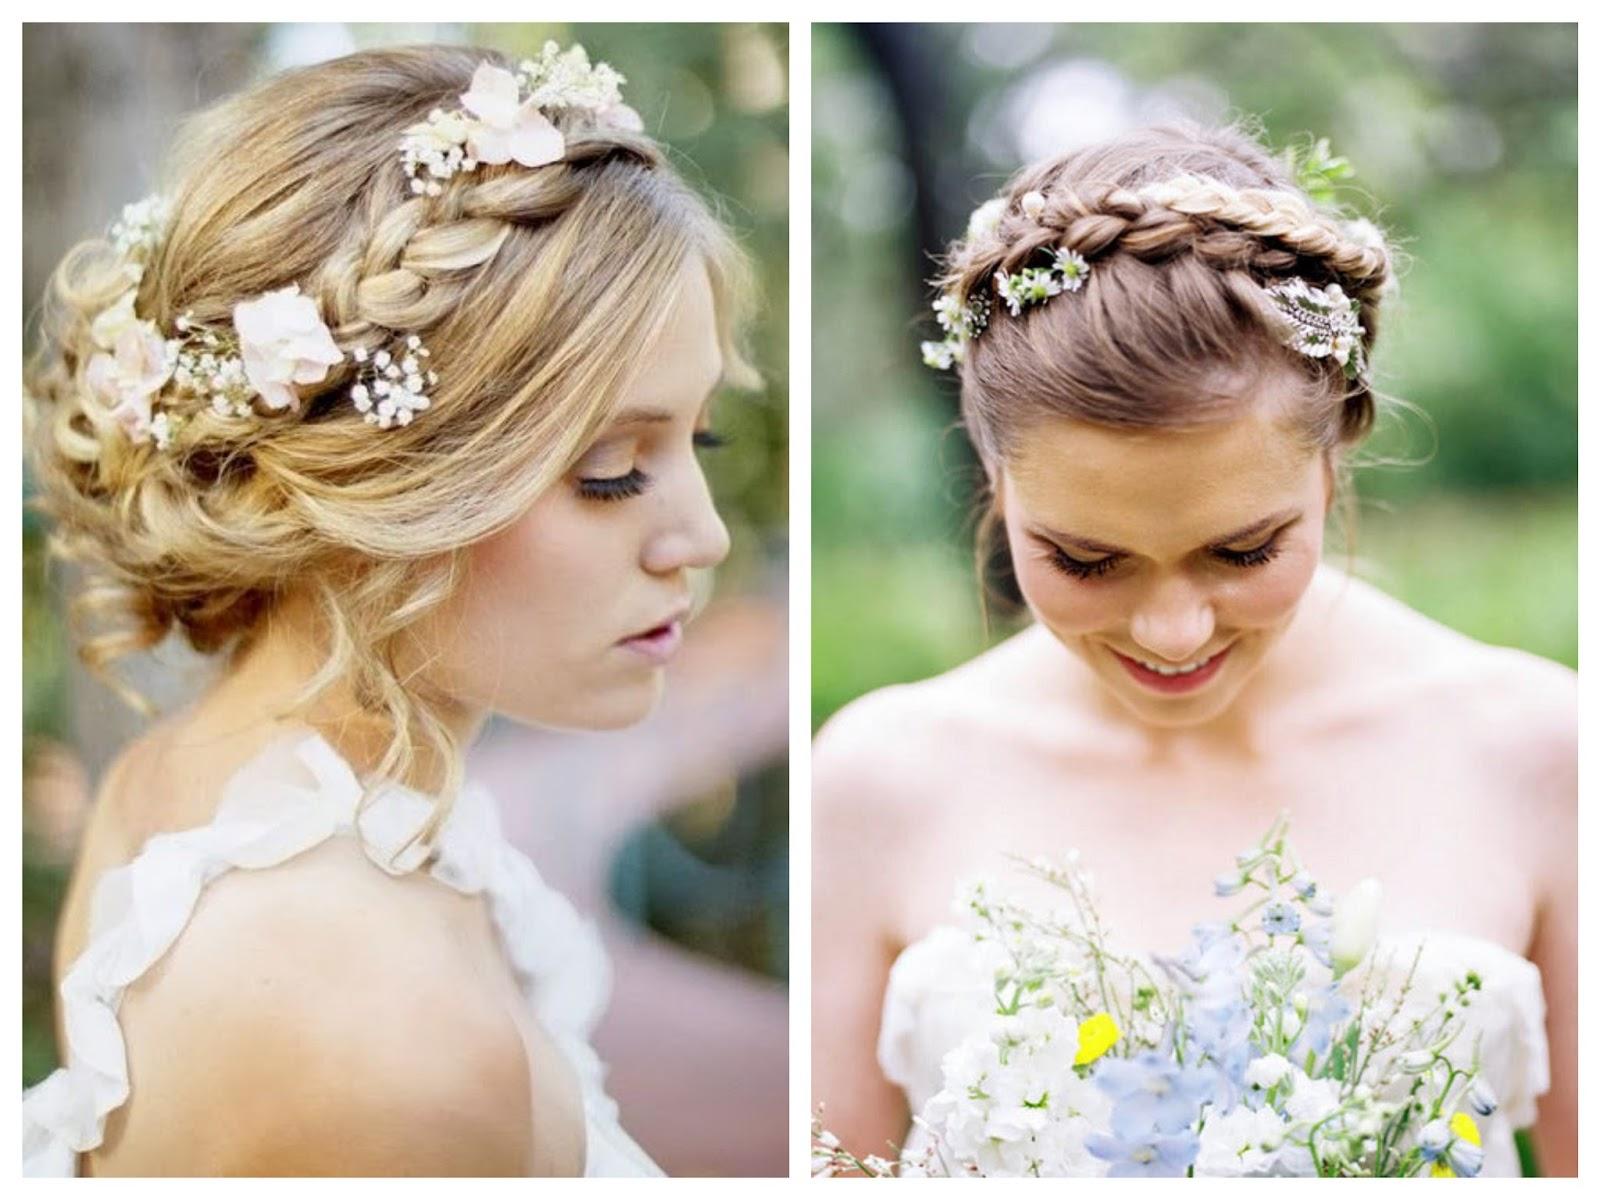 Simple y con estilo peinados sencillos para boda Galería De Tutoriales De Color De Pelo - peinados de novia: Peinados Para Boda Con Flores Naturales